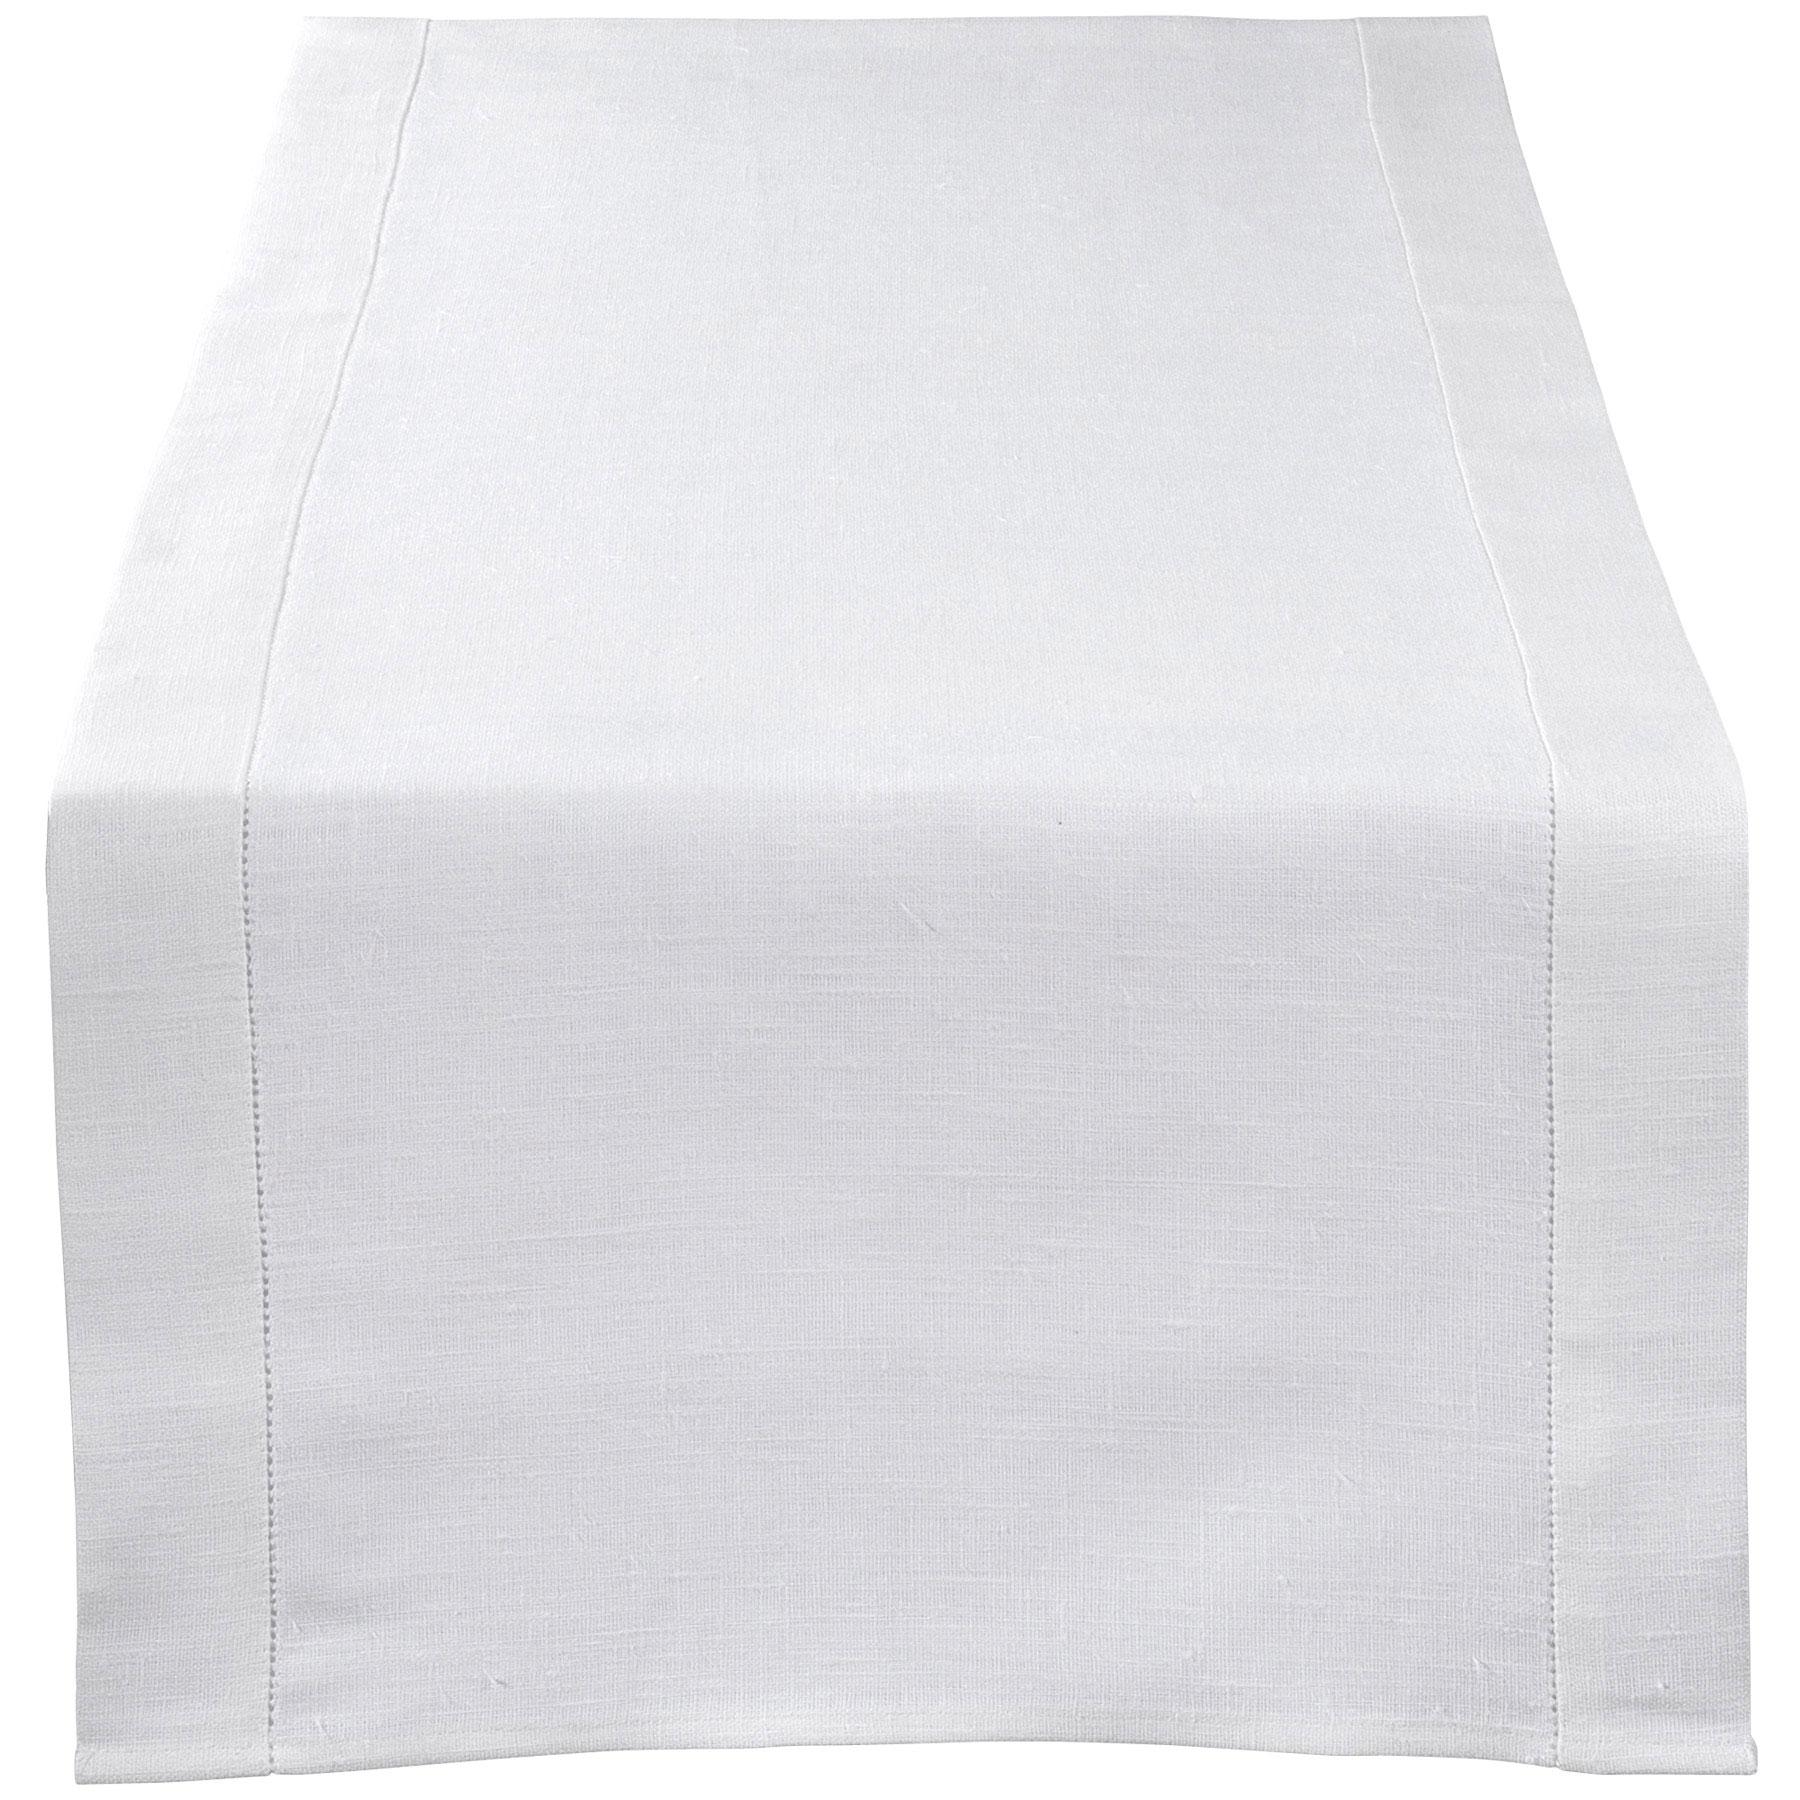 TABLE RUNNER <br />white